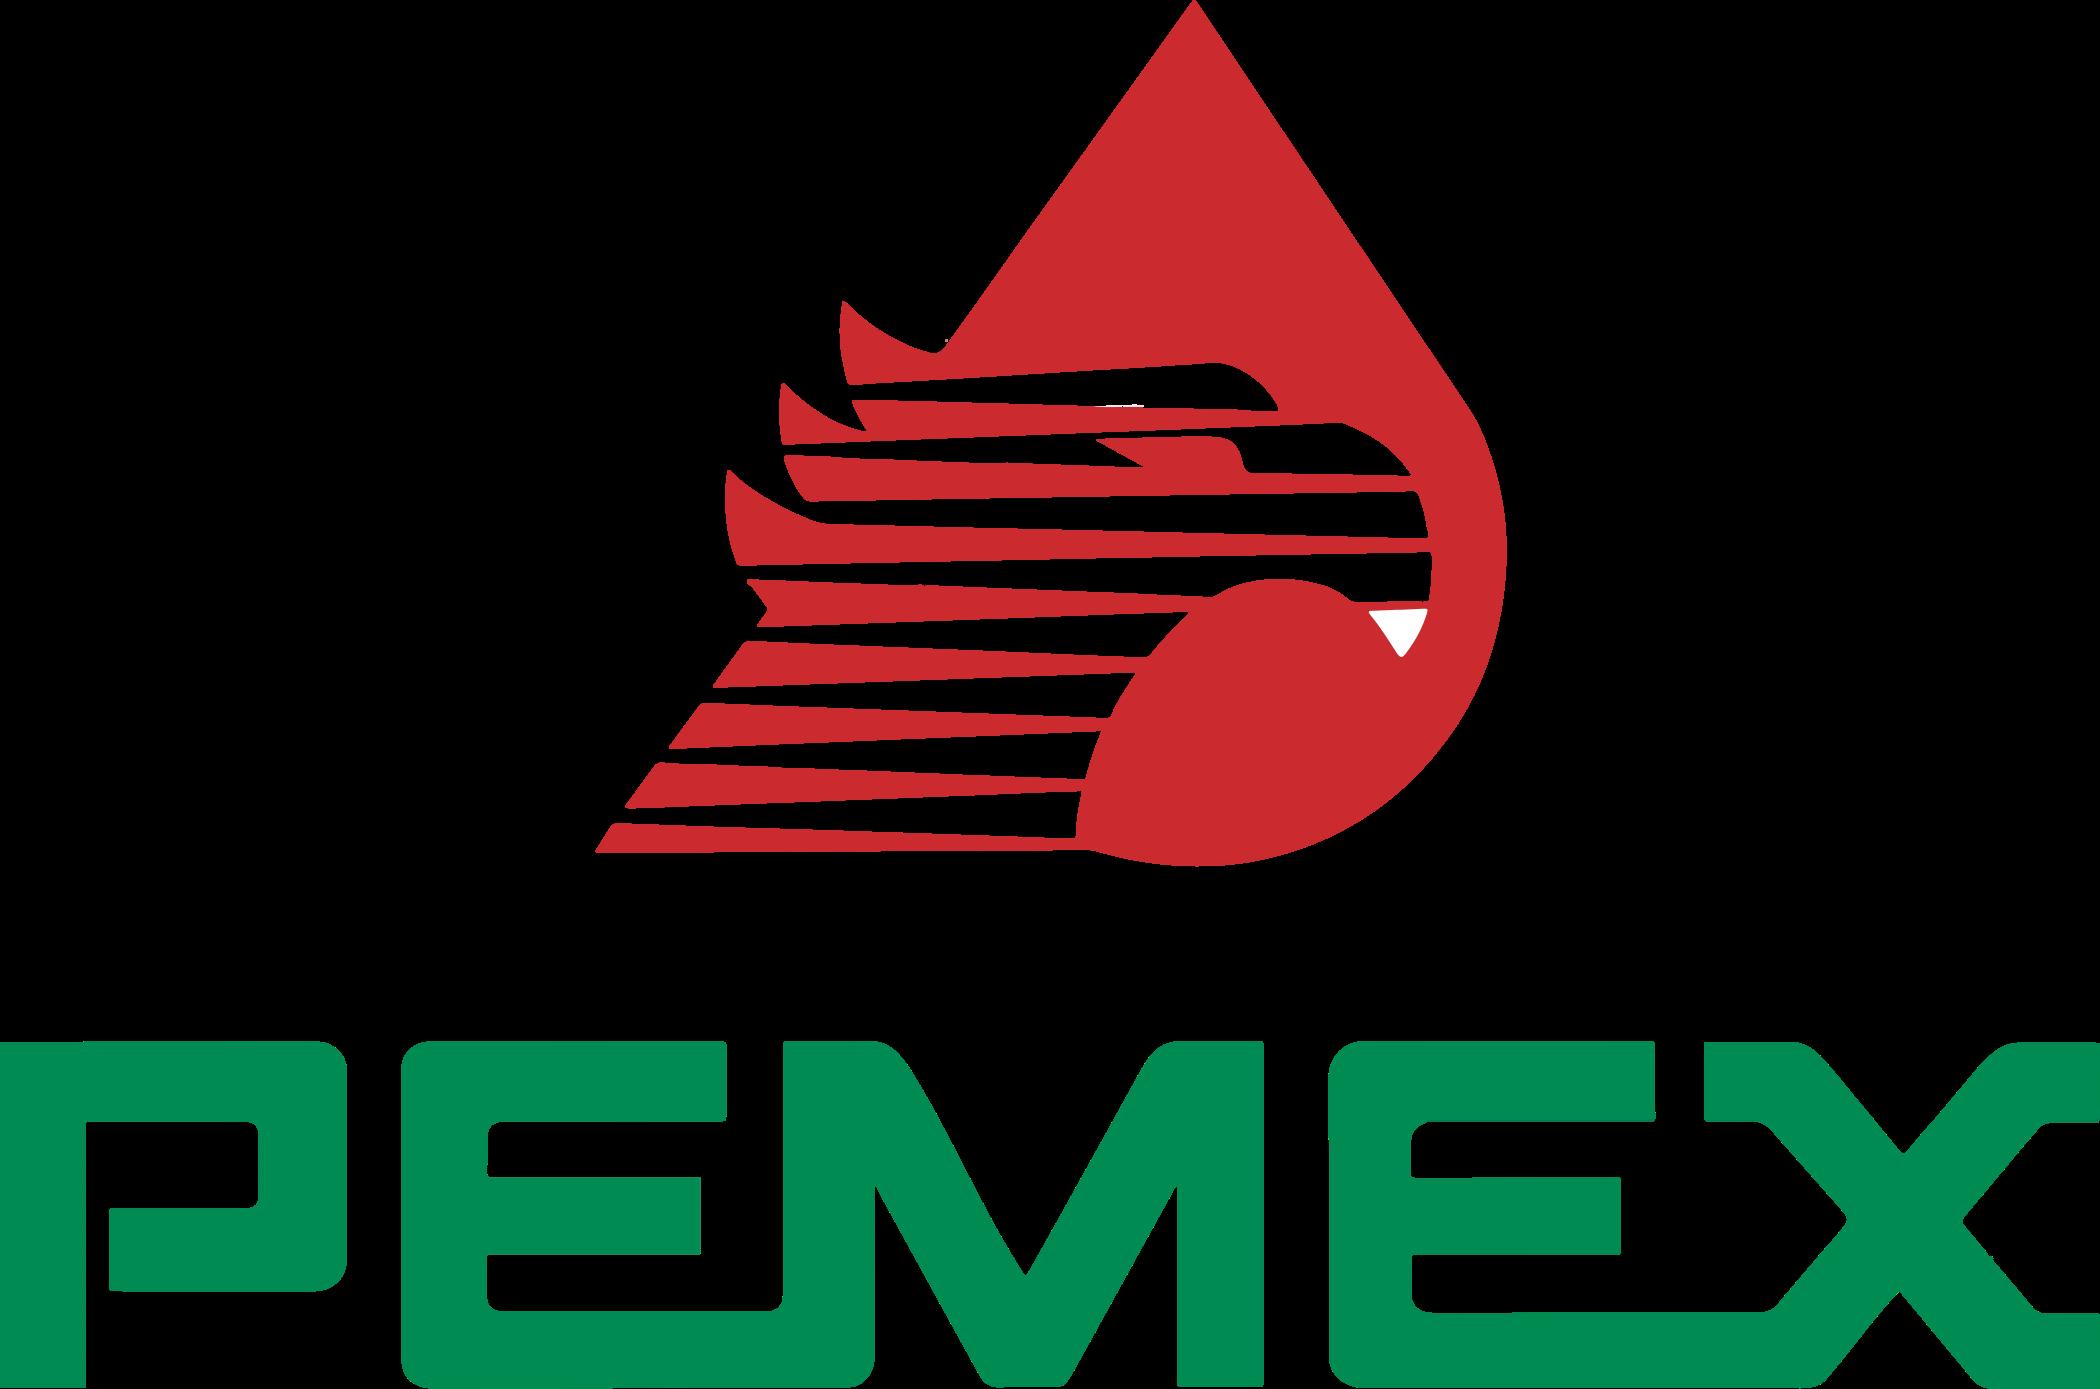 pemex logo 1 - PEMEX Logo - Petróleos Mexicanos Logo